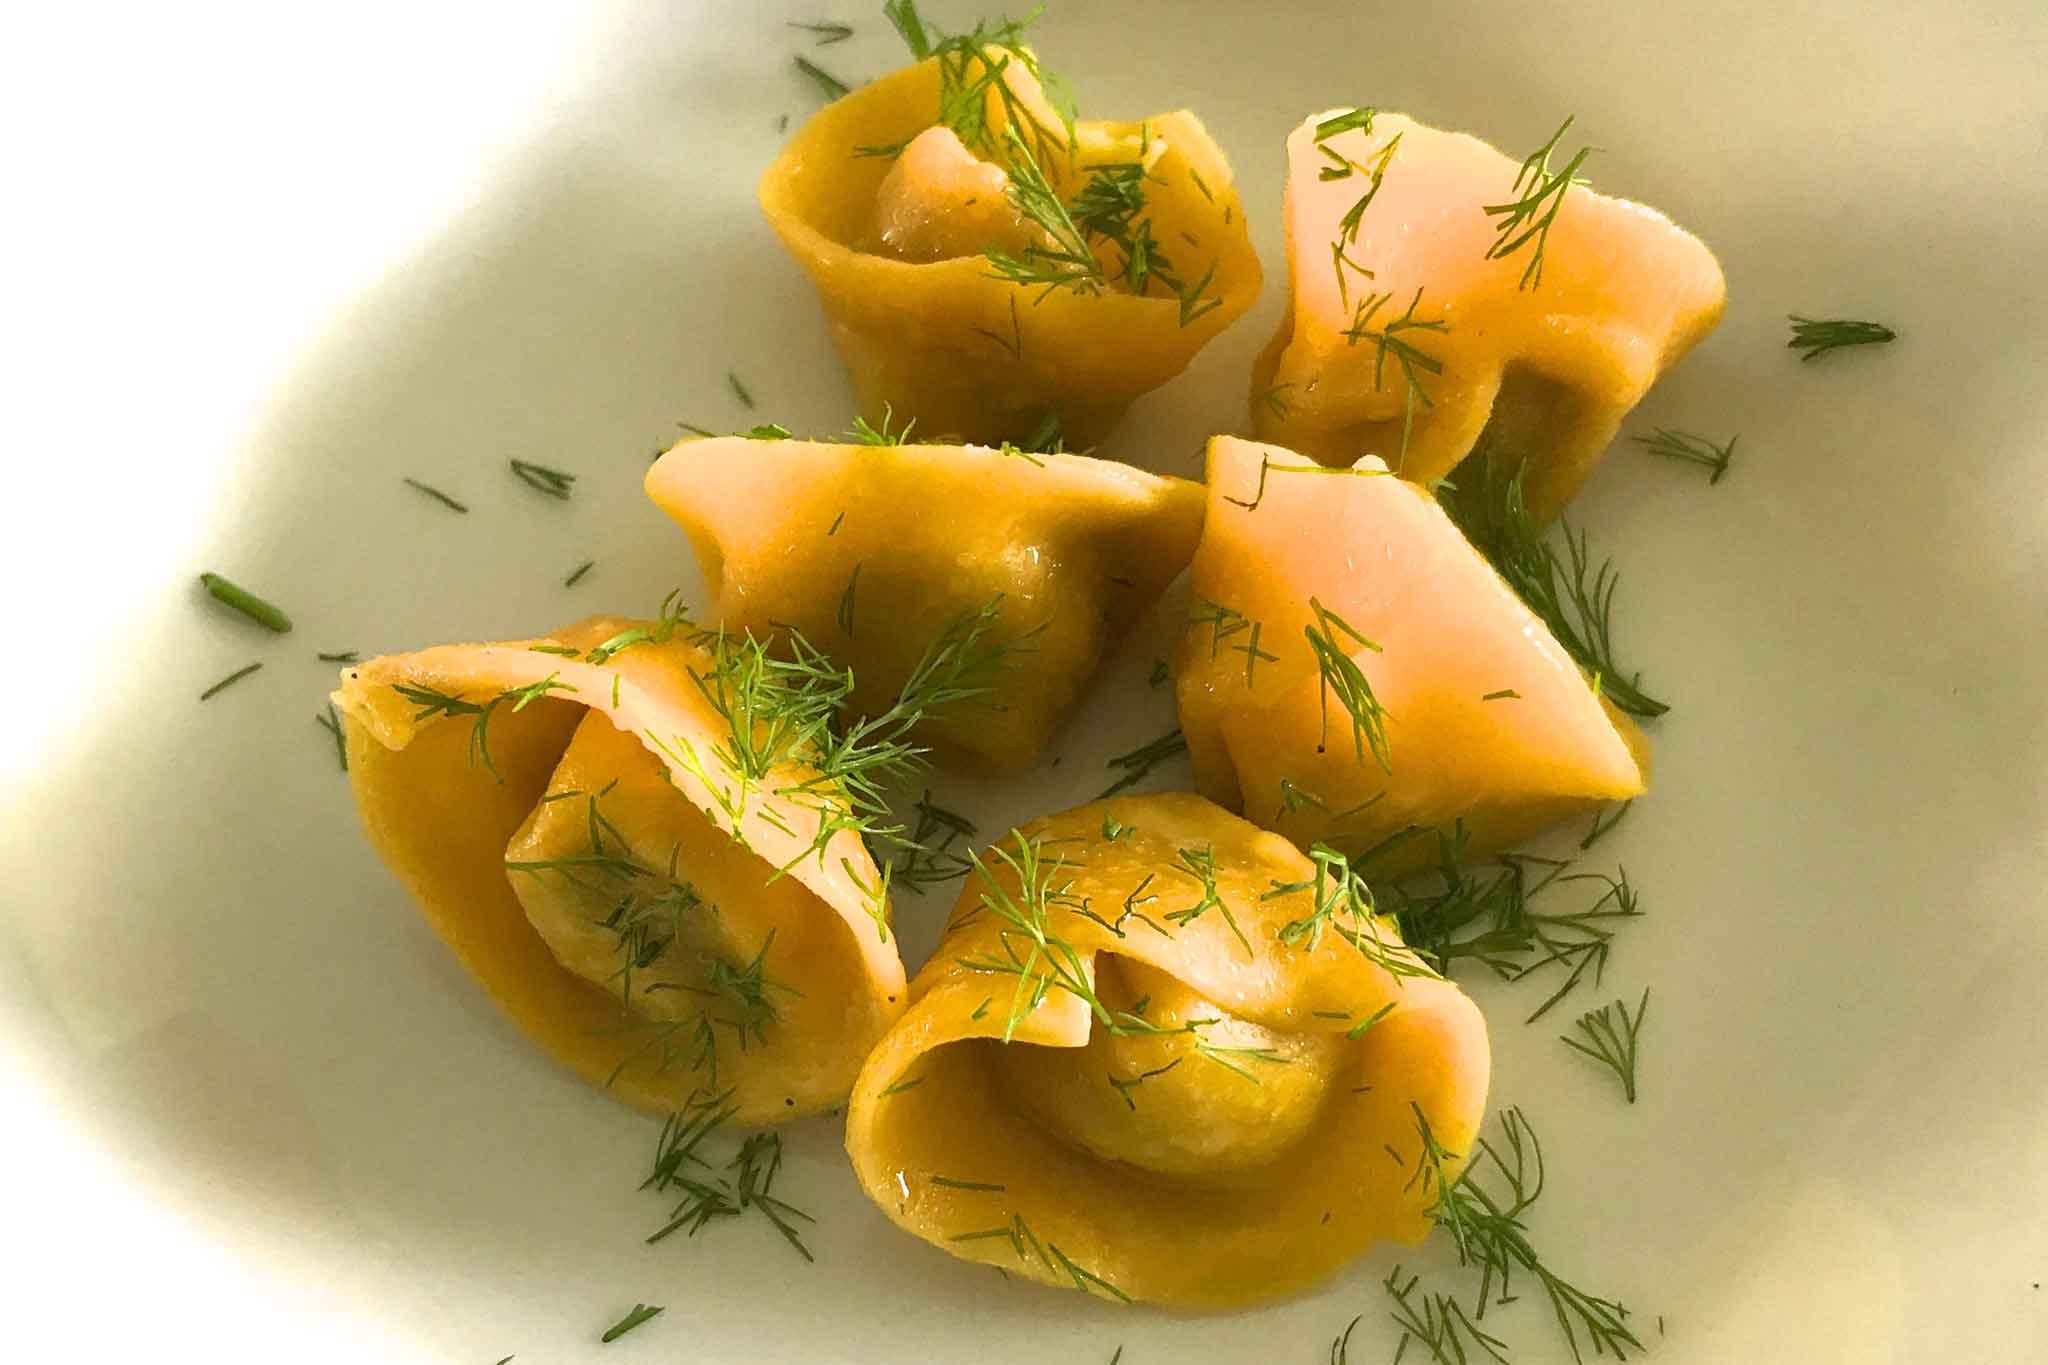 """Burro e alici. La ricetta perfetta dei tortelli con la """"mozzarella di bufala"""" di Antonello Colonna"""